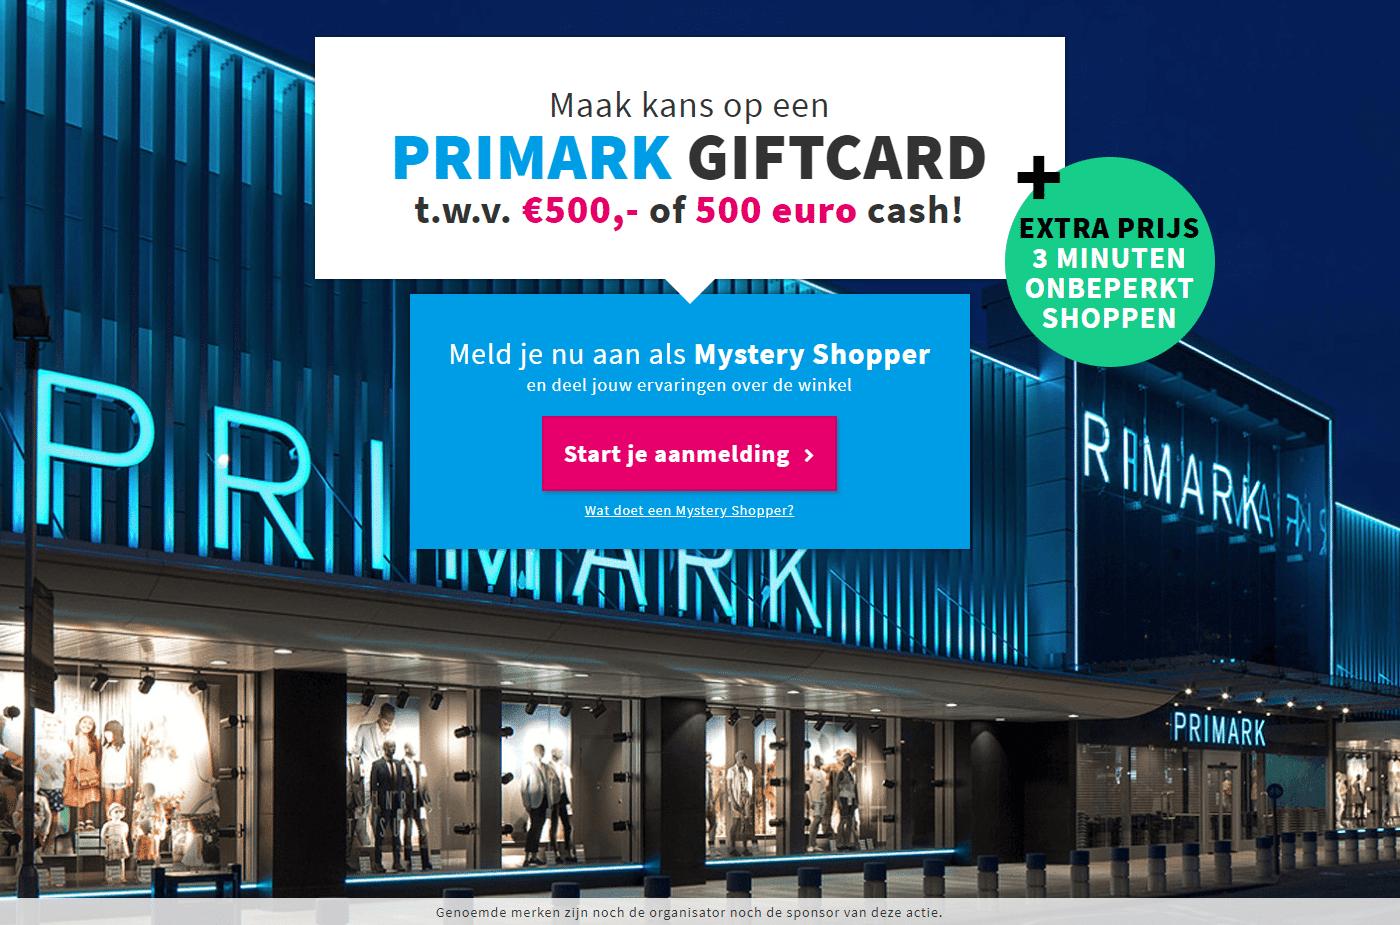 3 minuten onbeperkt shoppen bij de Primark kleding